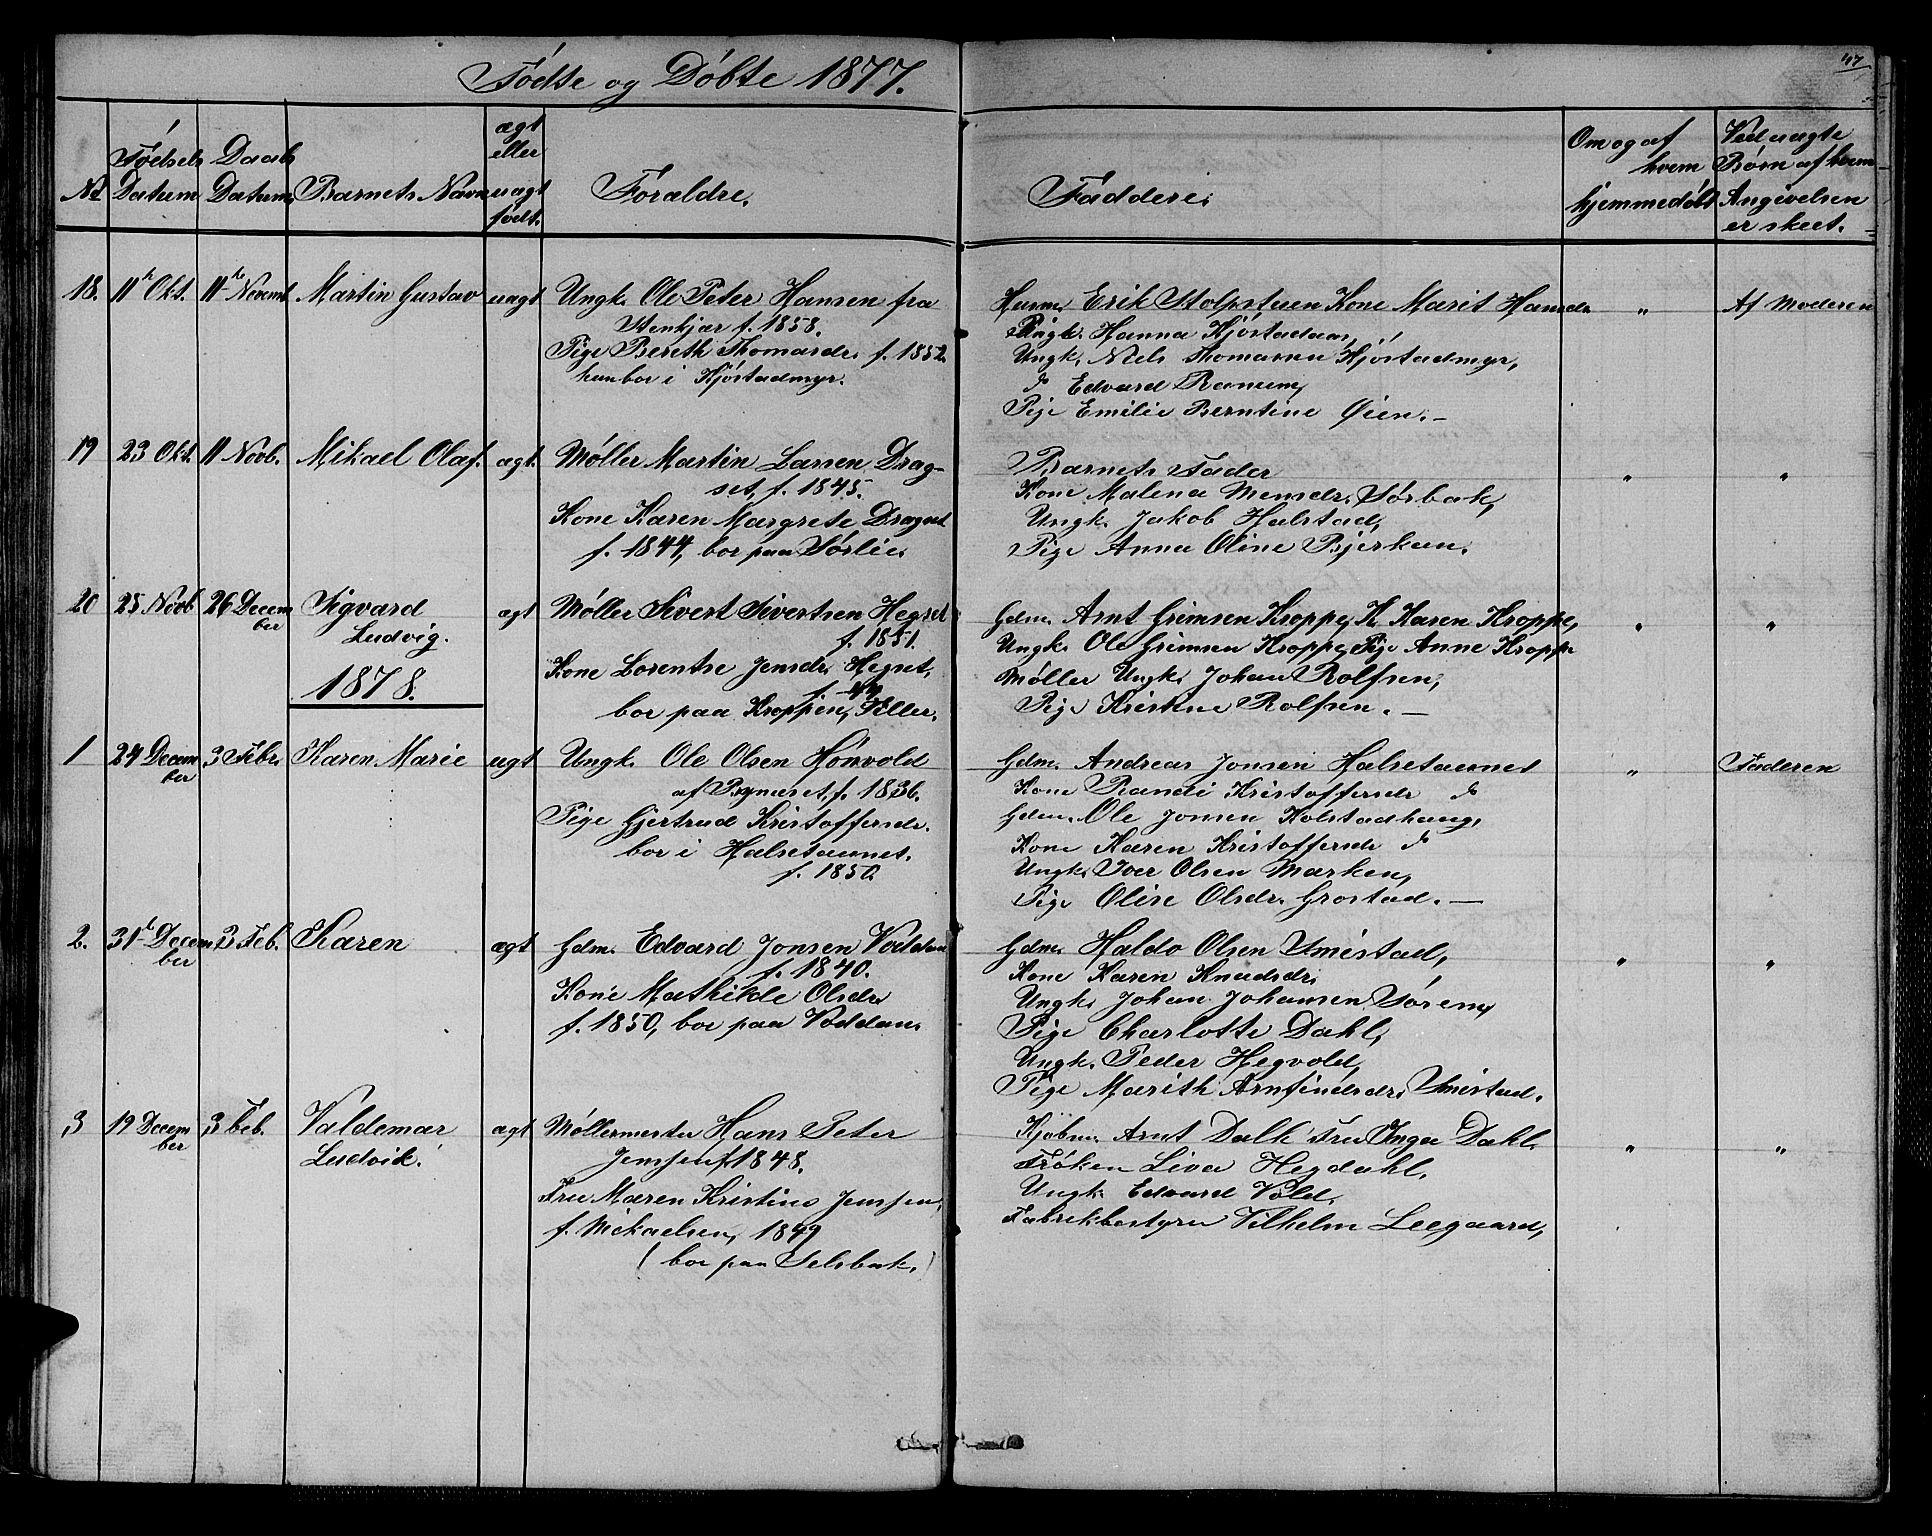 SAT, Ministerialprotokoller, klokkerbøker og fødselsregistre - Sør-Trøndelag, 611/L0353: Klokkerbok nr. 611C01, 1854-1881, s. 47